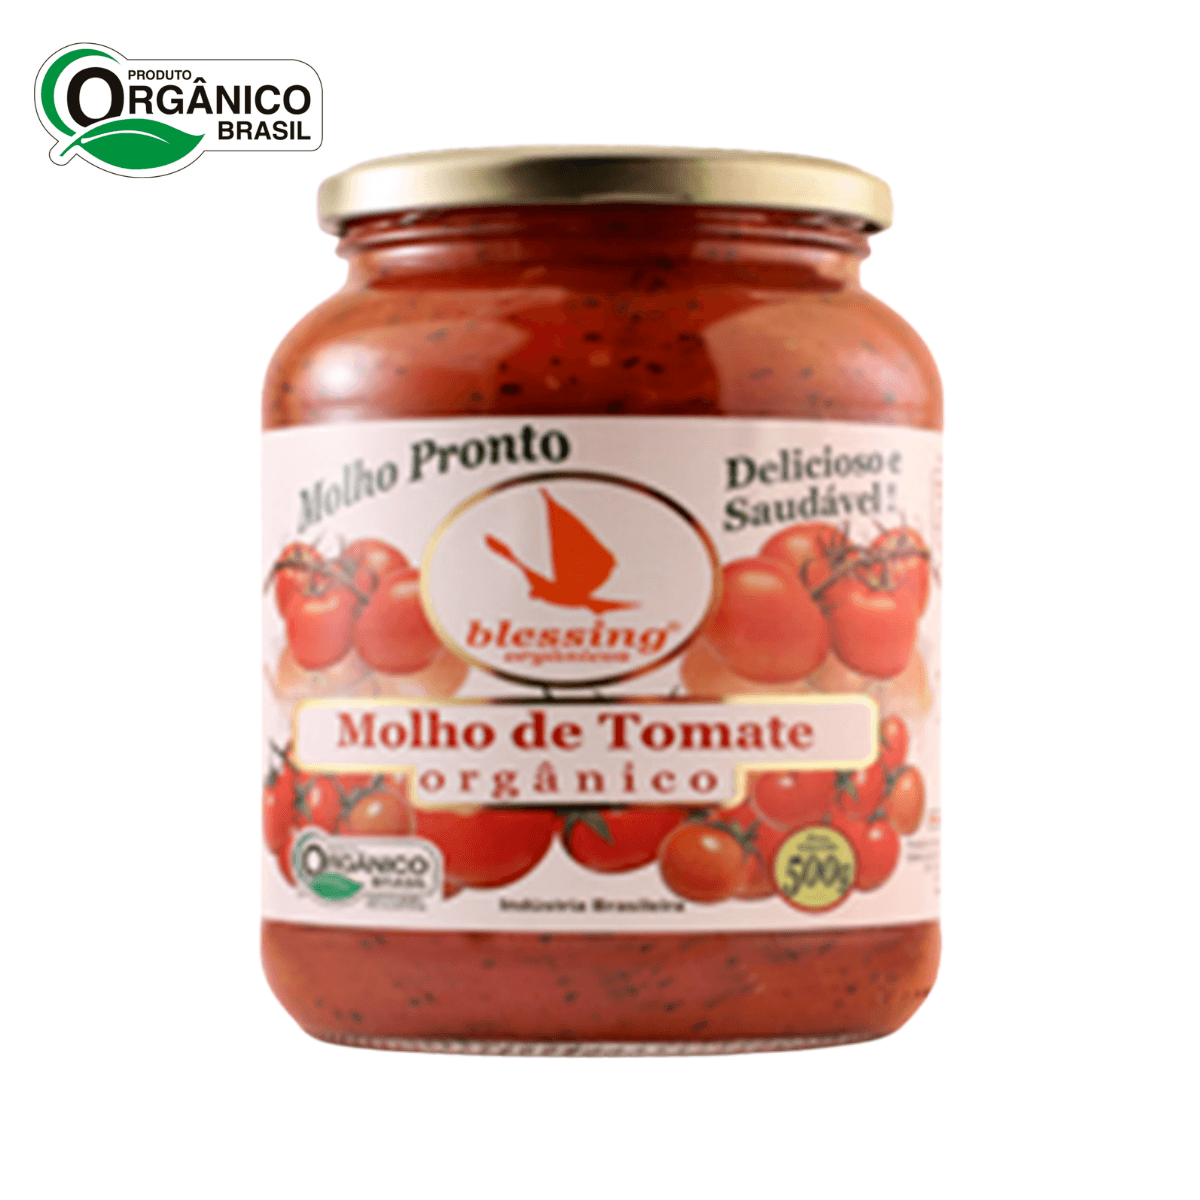 Molho de Tomate Orgânico Cebola Alho Manjeric Blessing 500gr